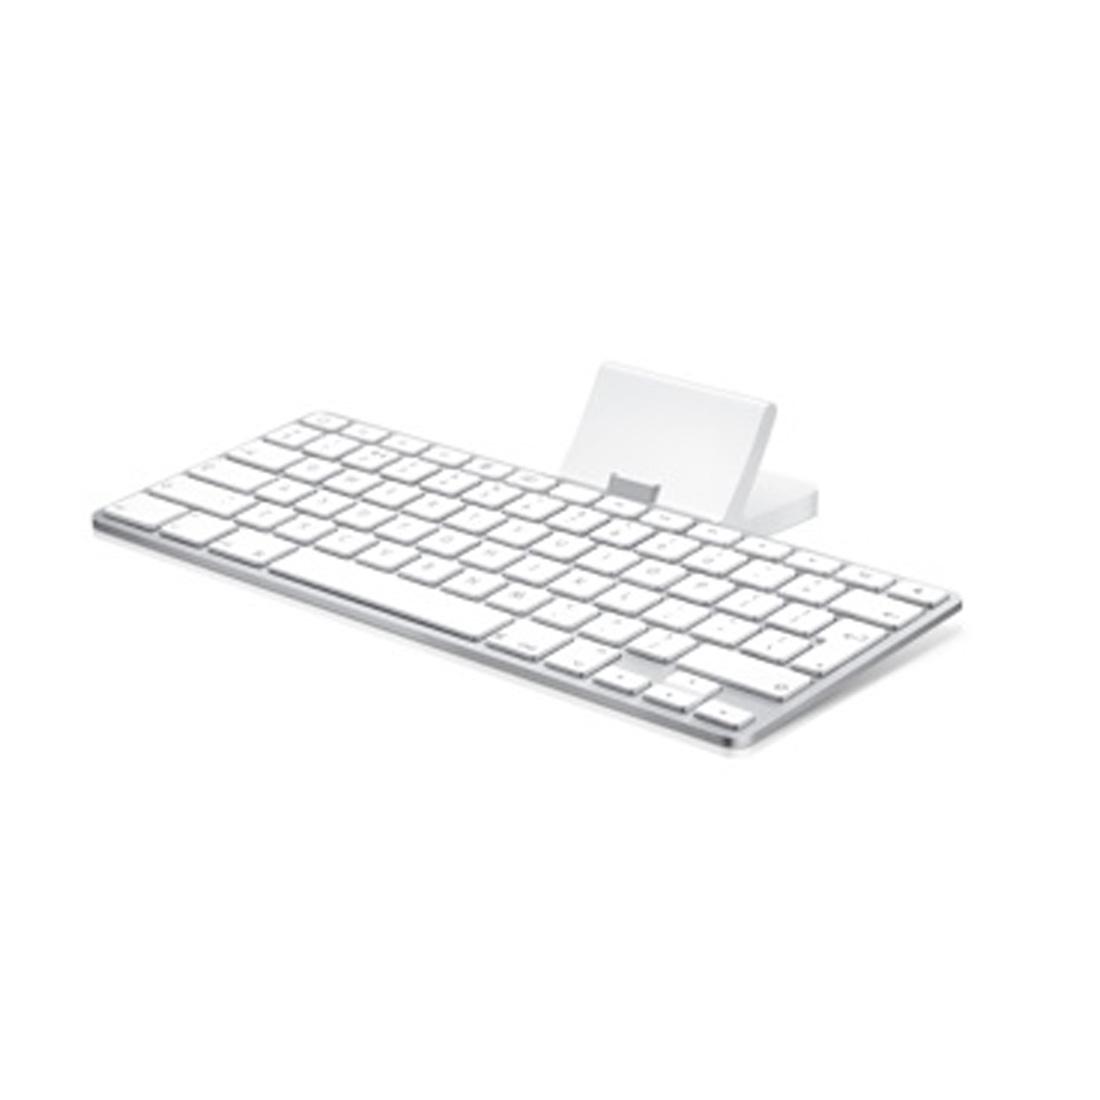 Apple iPad Keyboard Dock Spanish MC533Y/A for iPad